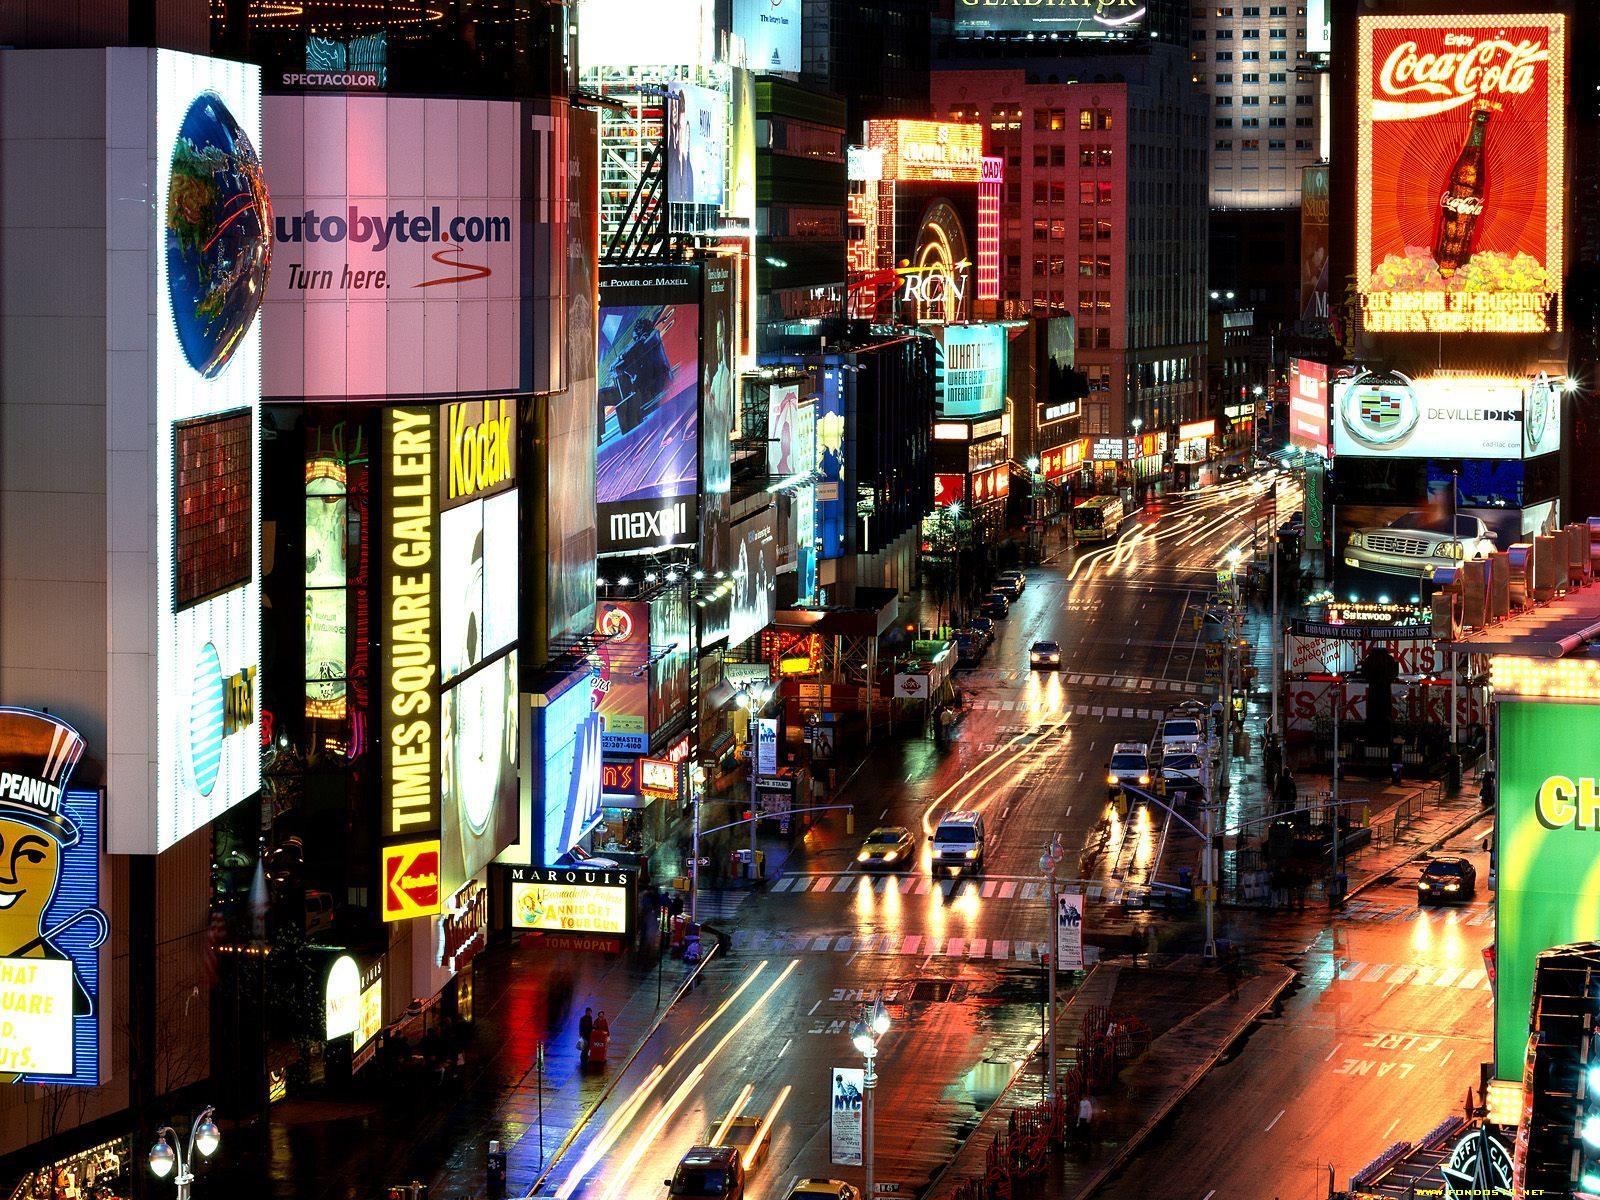 http://3.bp.blogspot.com/_VQ5XsG-v-IA/TKzQ41GR-qI/AAAAAAAAADc/clsmub6qkYg/s1600/times_square_new_york-1024x768.jpg